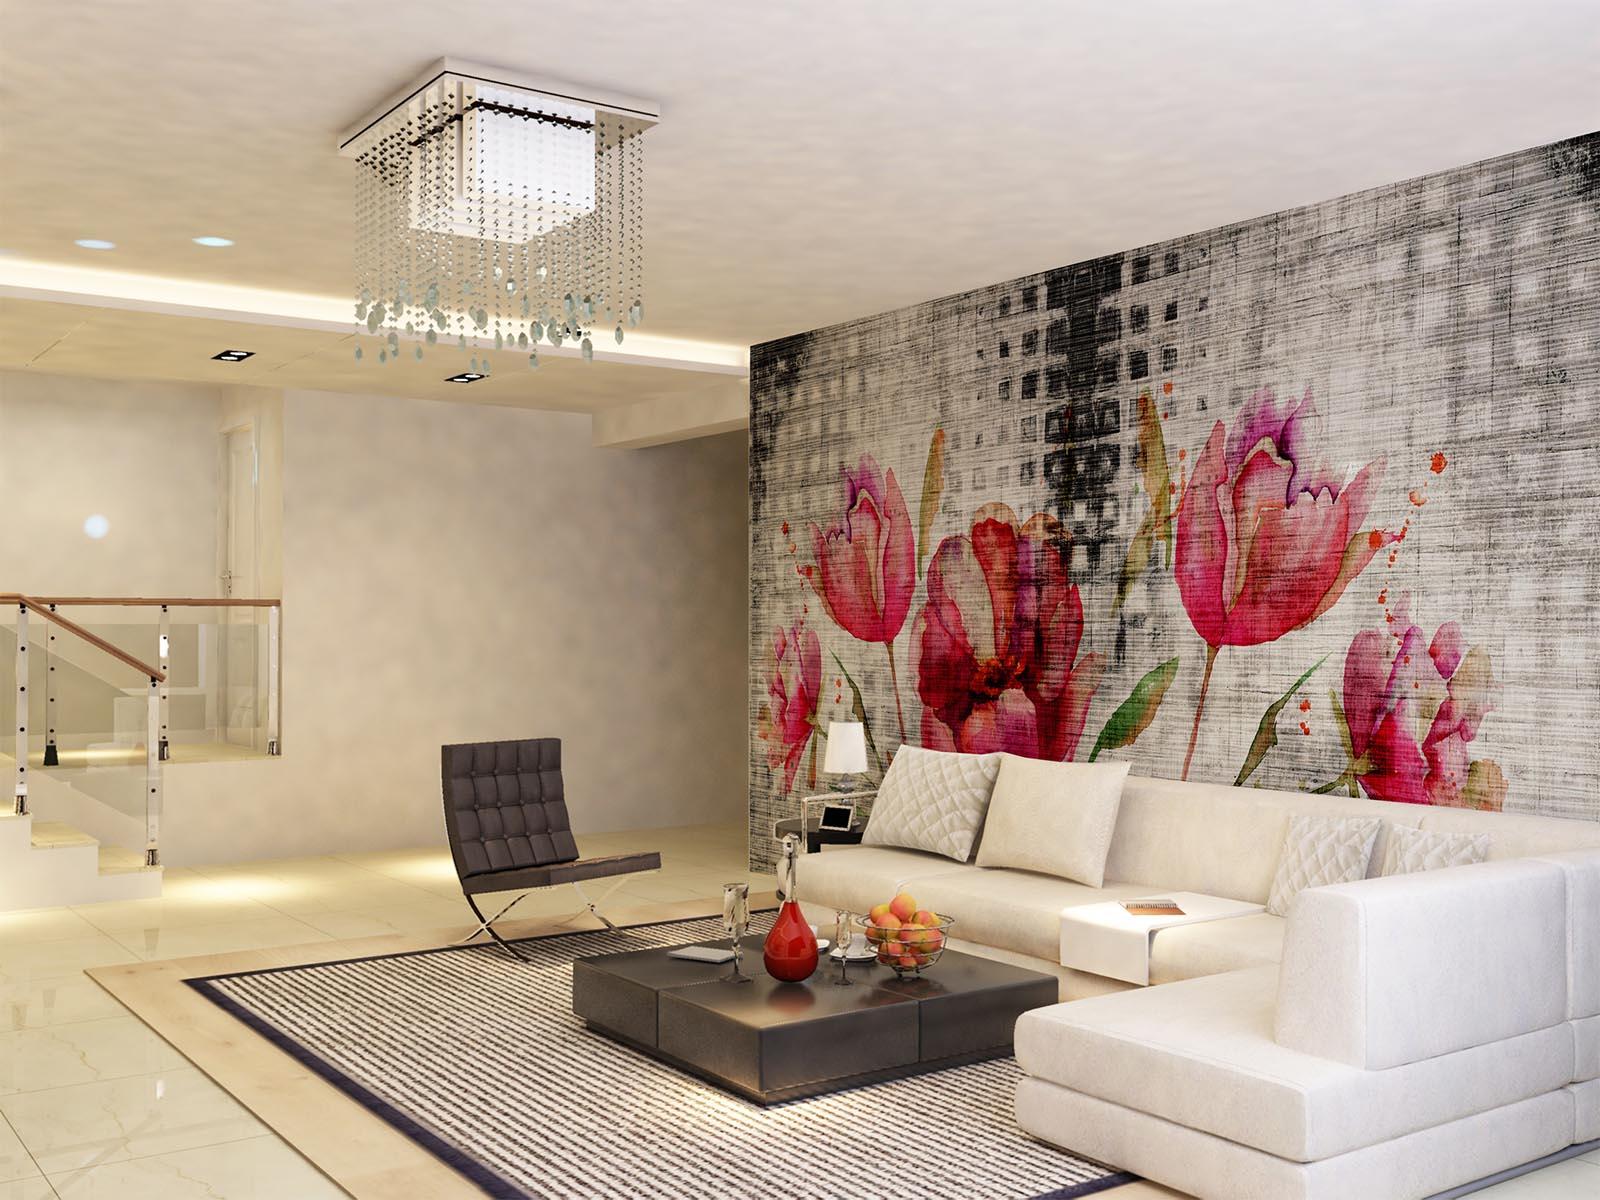 Carta parati design moderno per camera letto e soggiorno ...